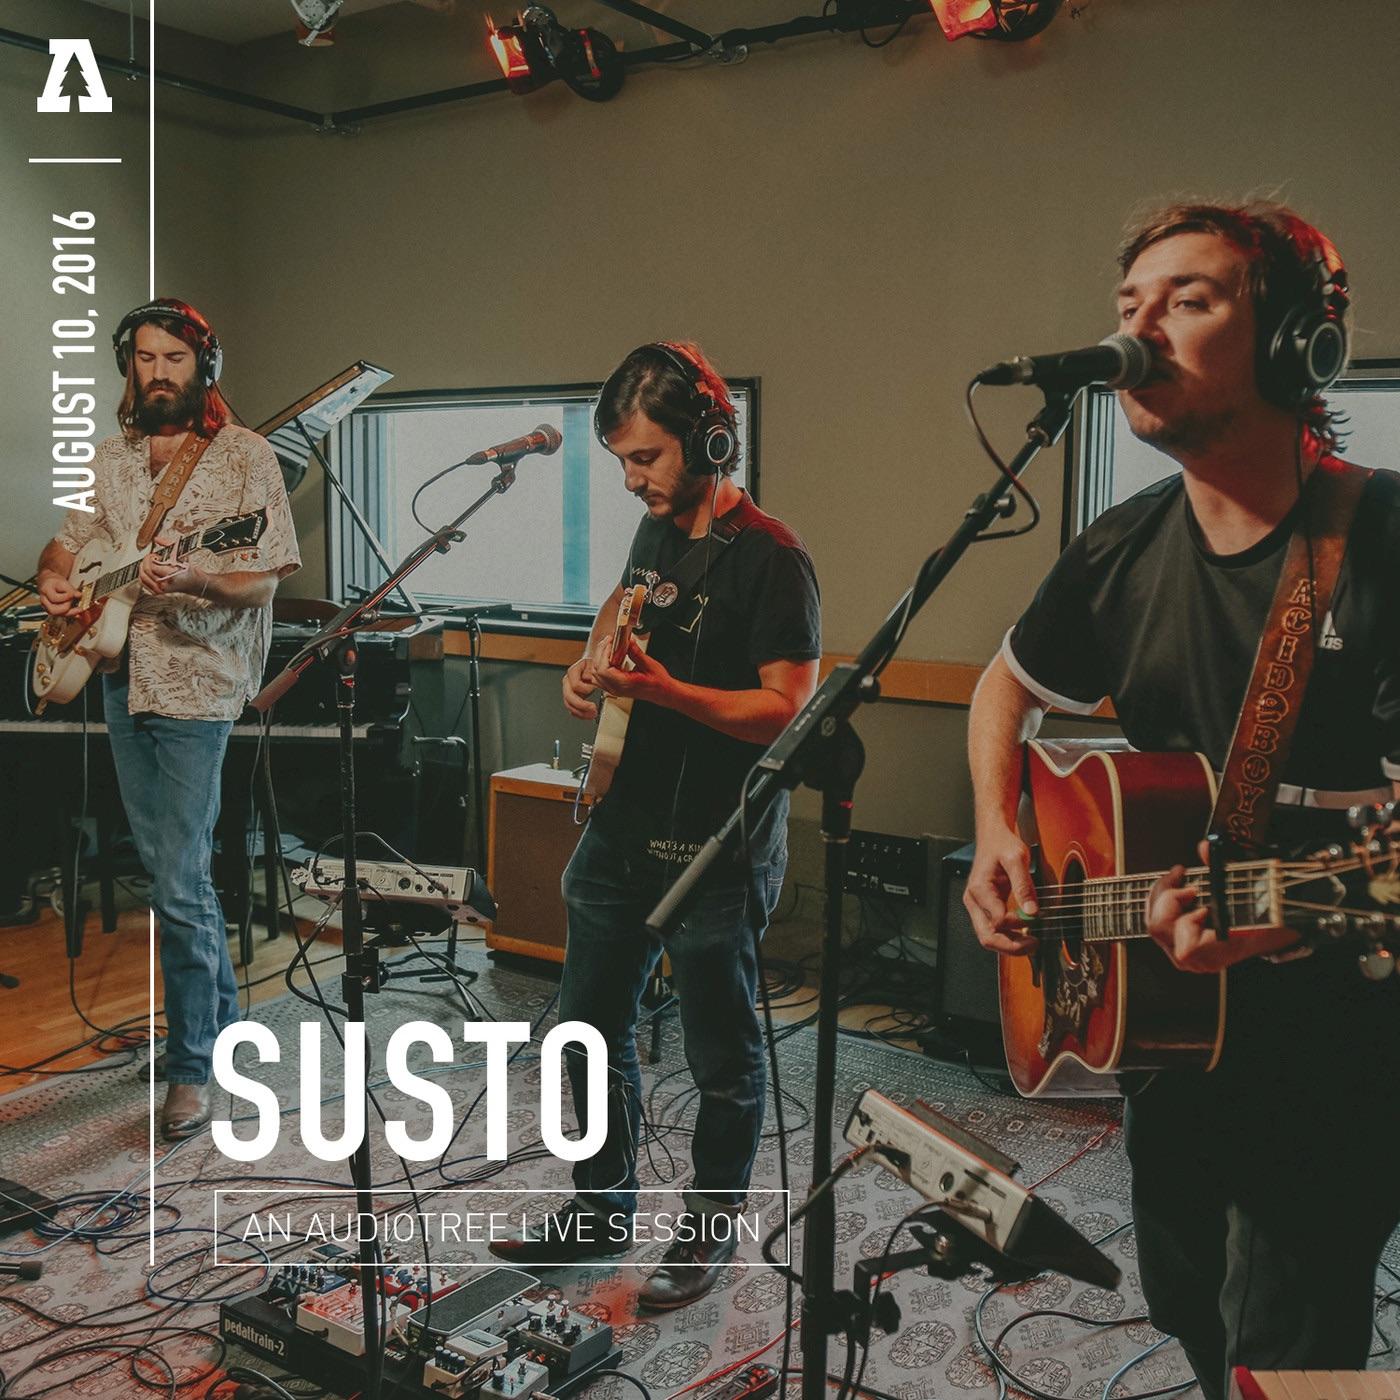 SUSTO on Audiotree Live - EP